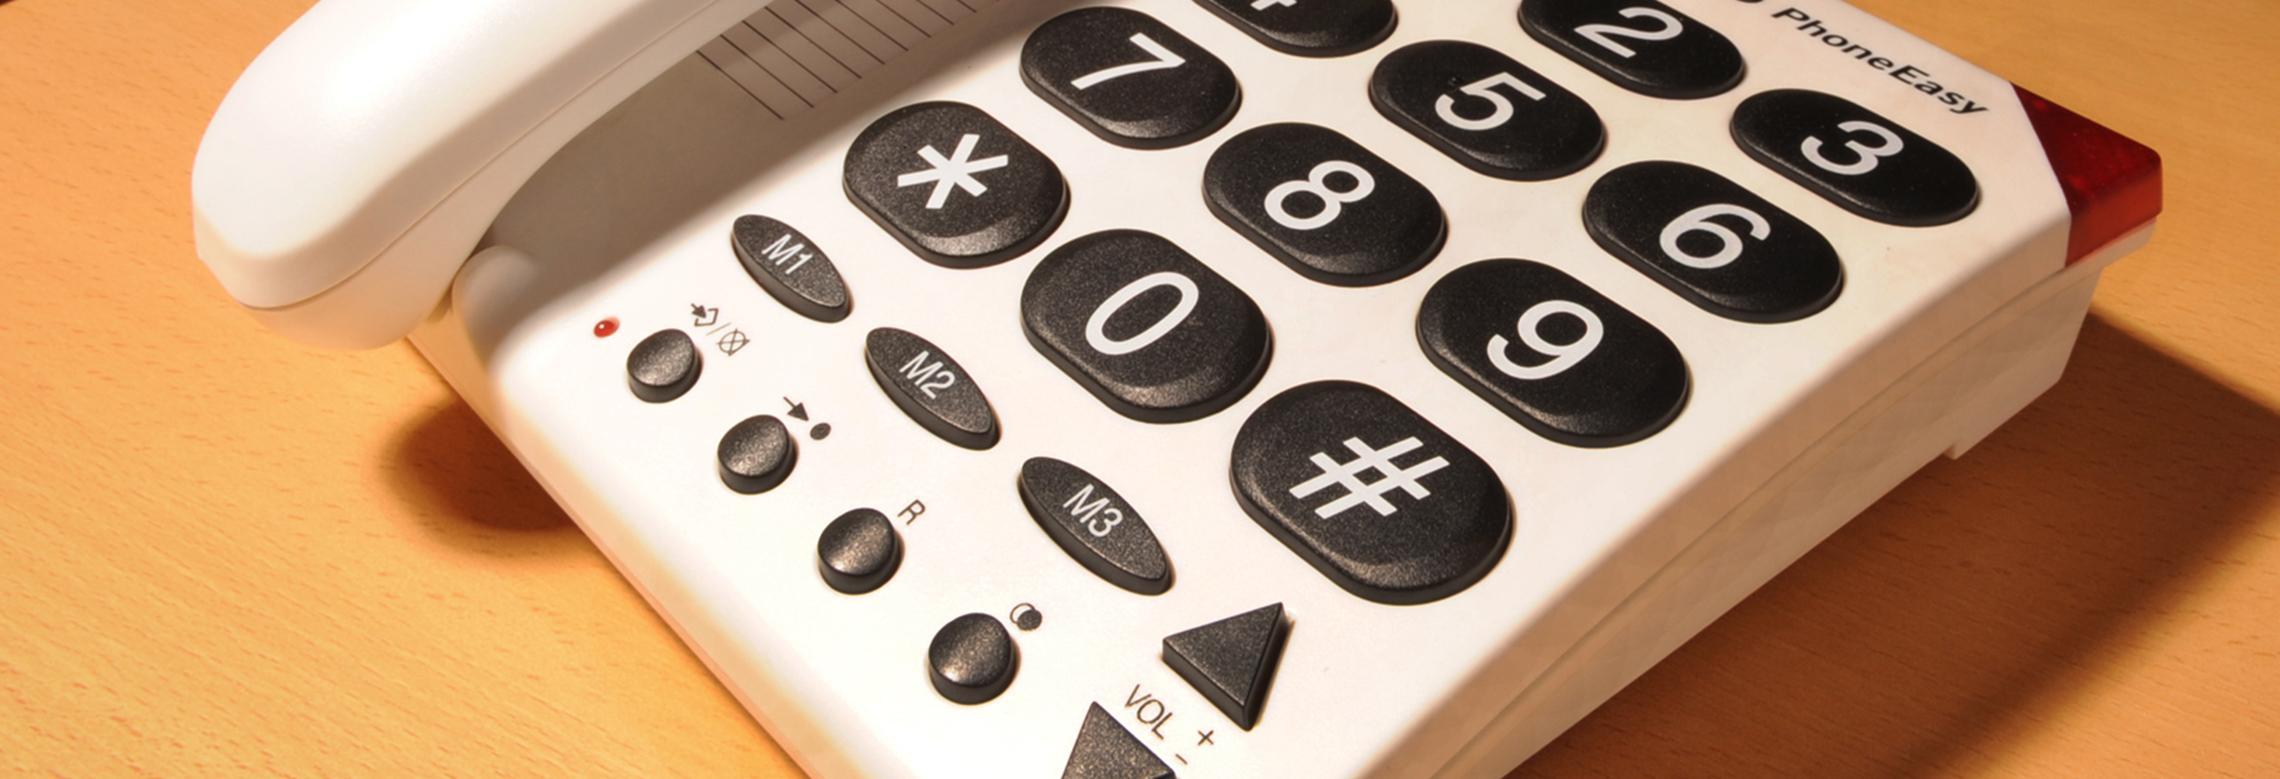 Un téléphone avec des touches agrandies